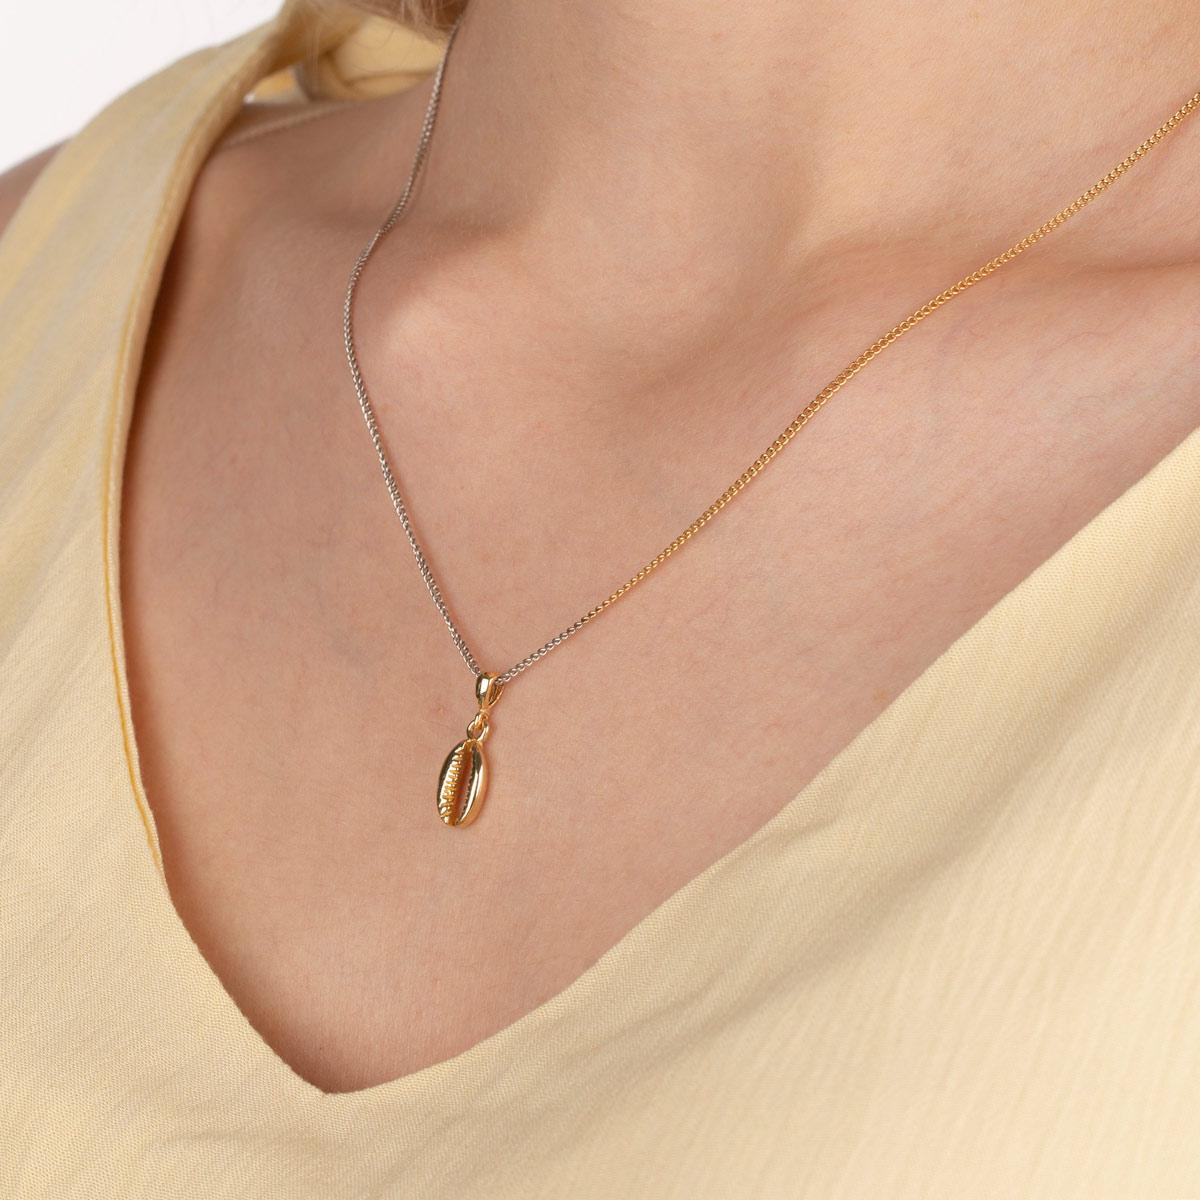 گردنبند طلا صدف و رولو دو رنگ